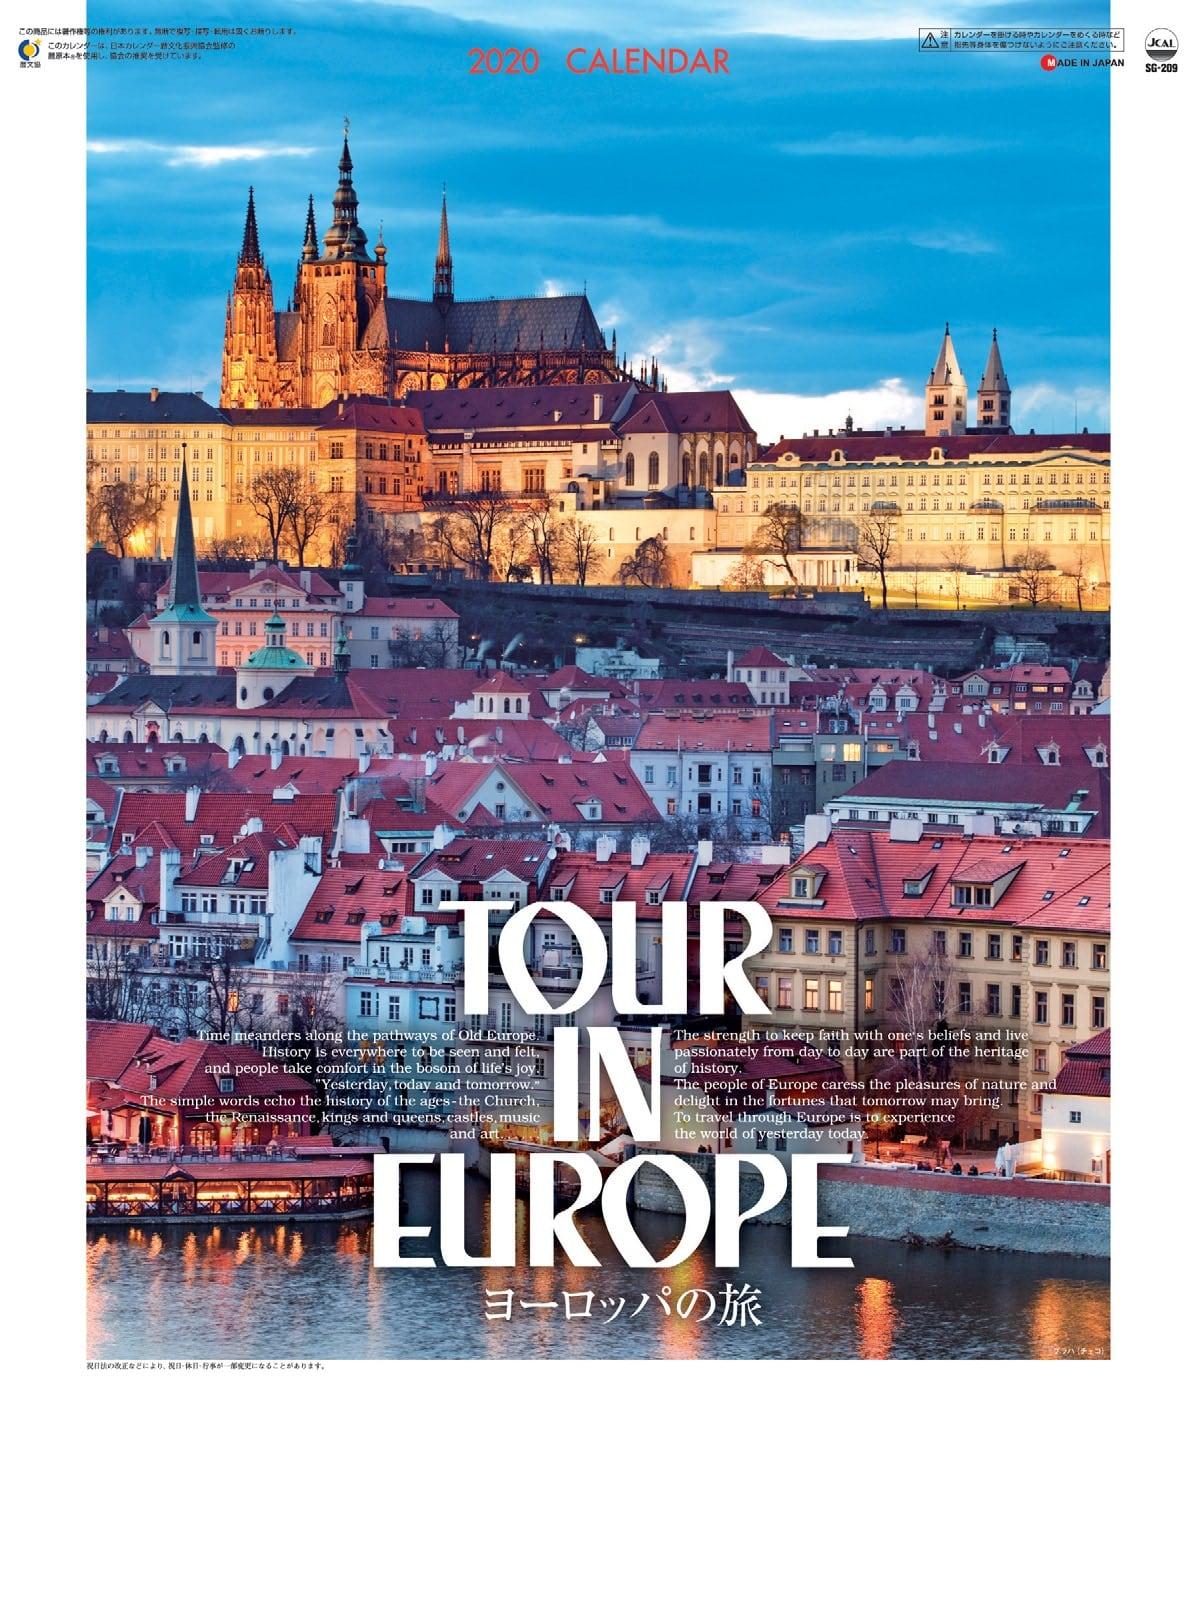 ヨーロッパの旅 2020年カレンダー